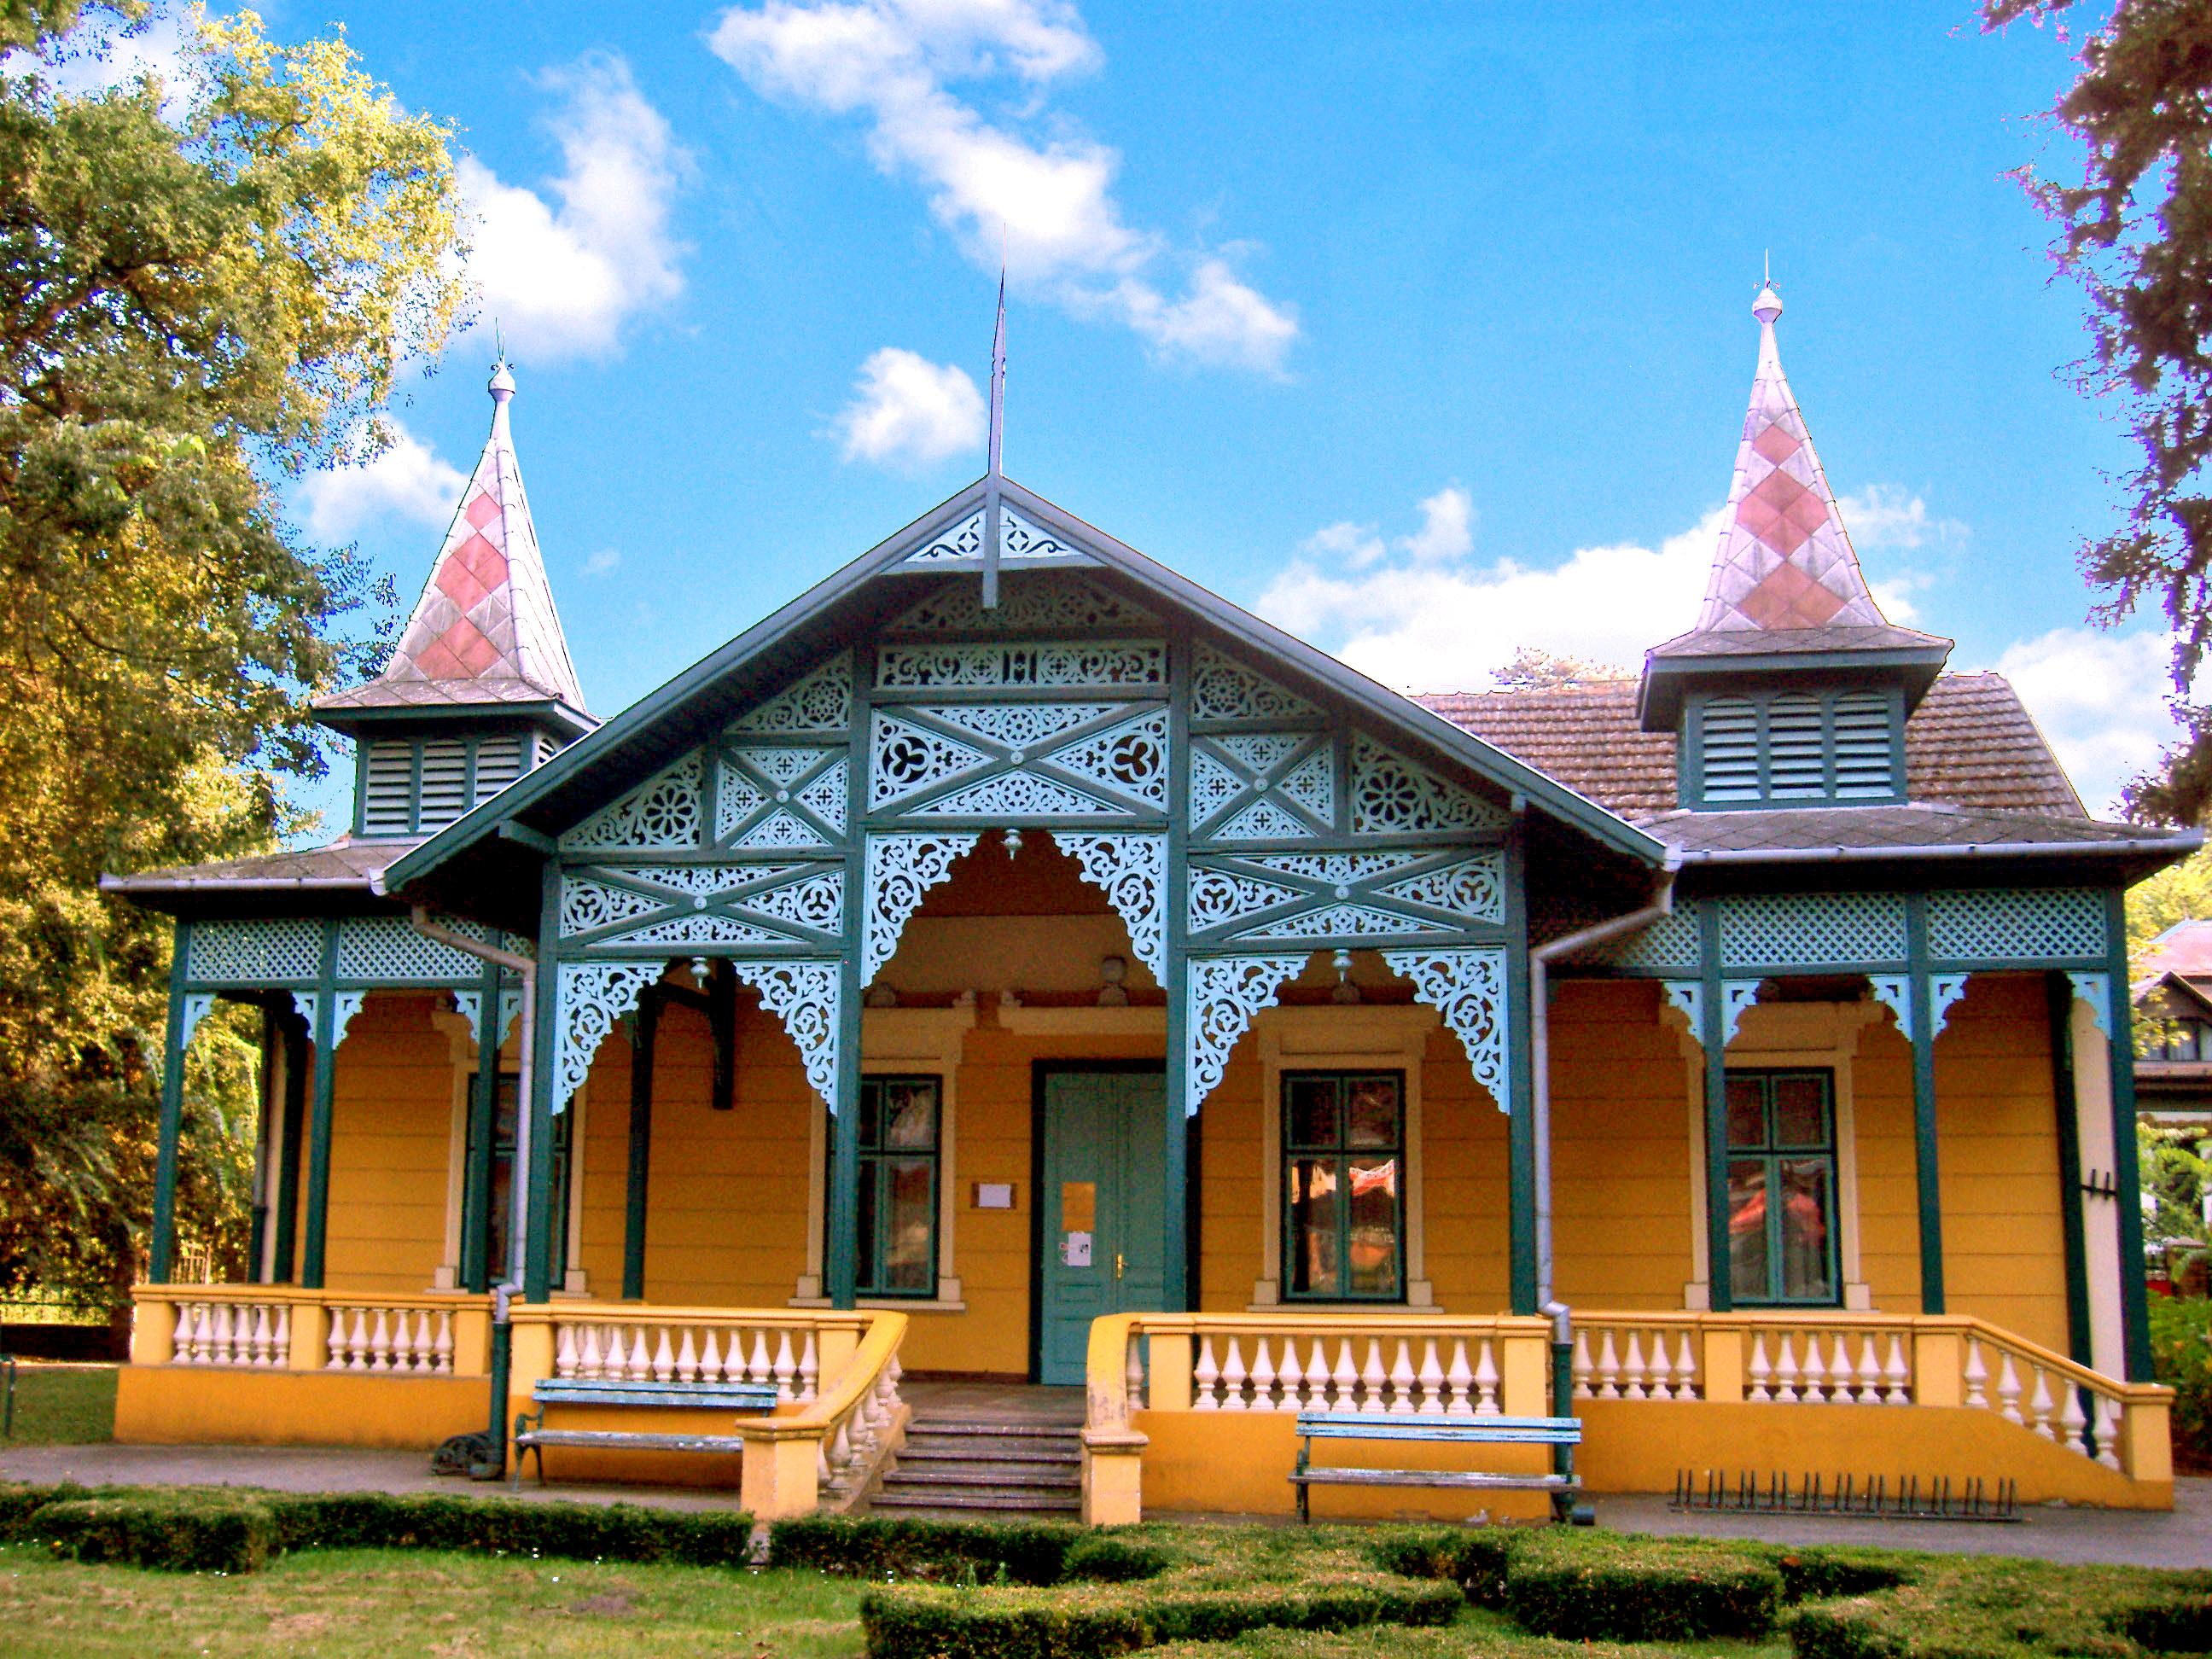 Photo Facade Villa : 무료 이미지 별장 탈퇴 아르 데코 스타일 건축물 여름 푸른 하늘 경계표 맨션 재산